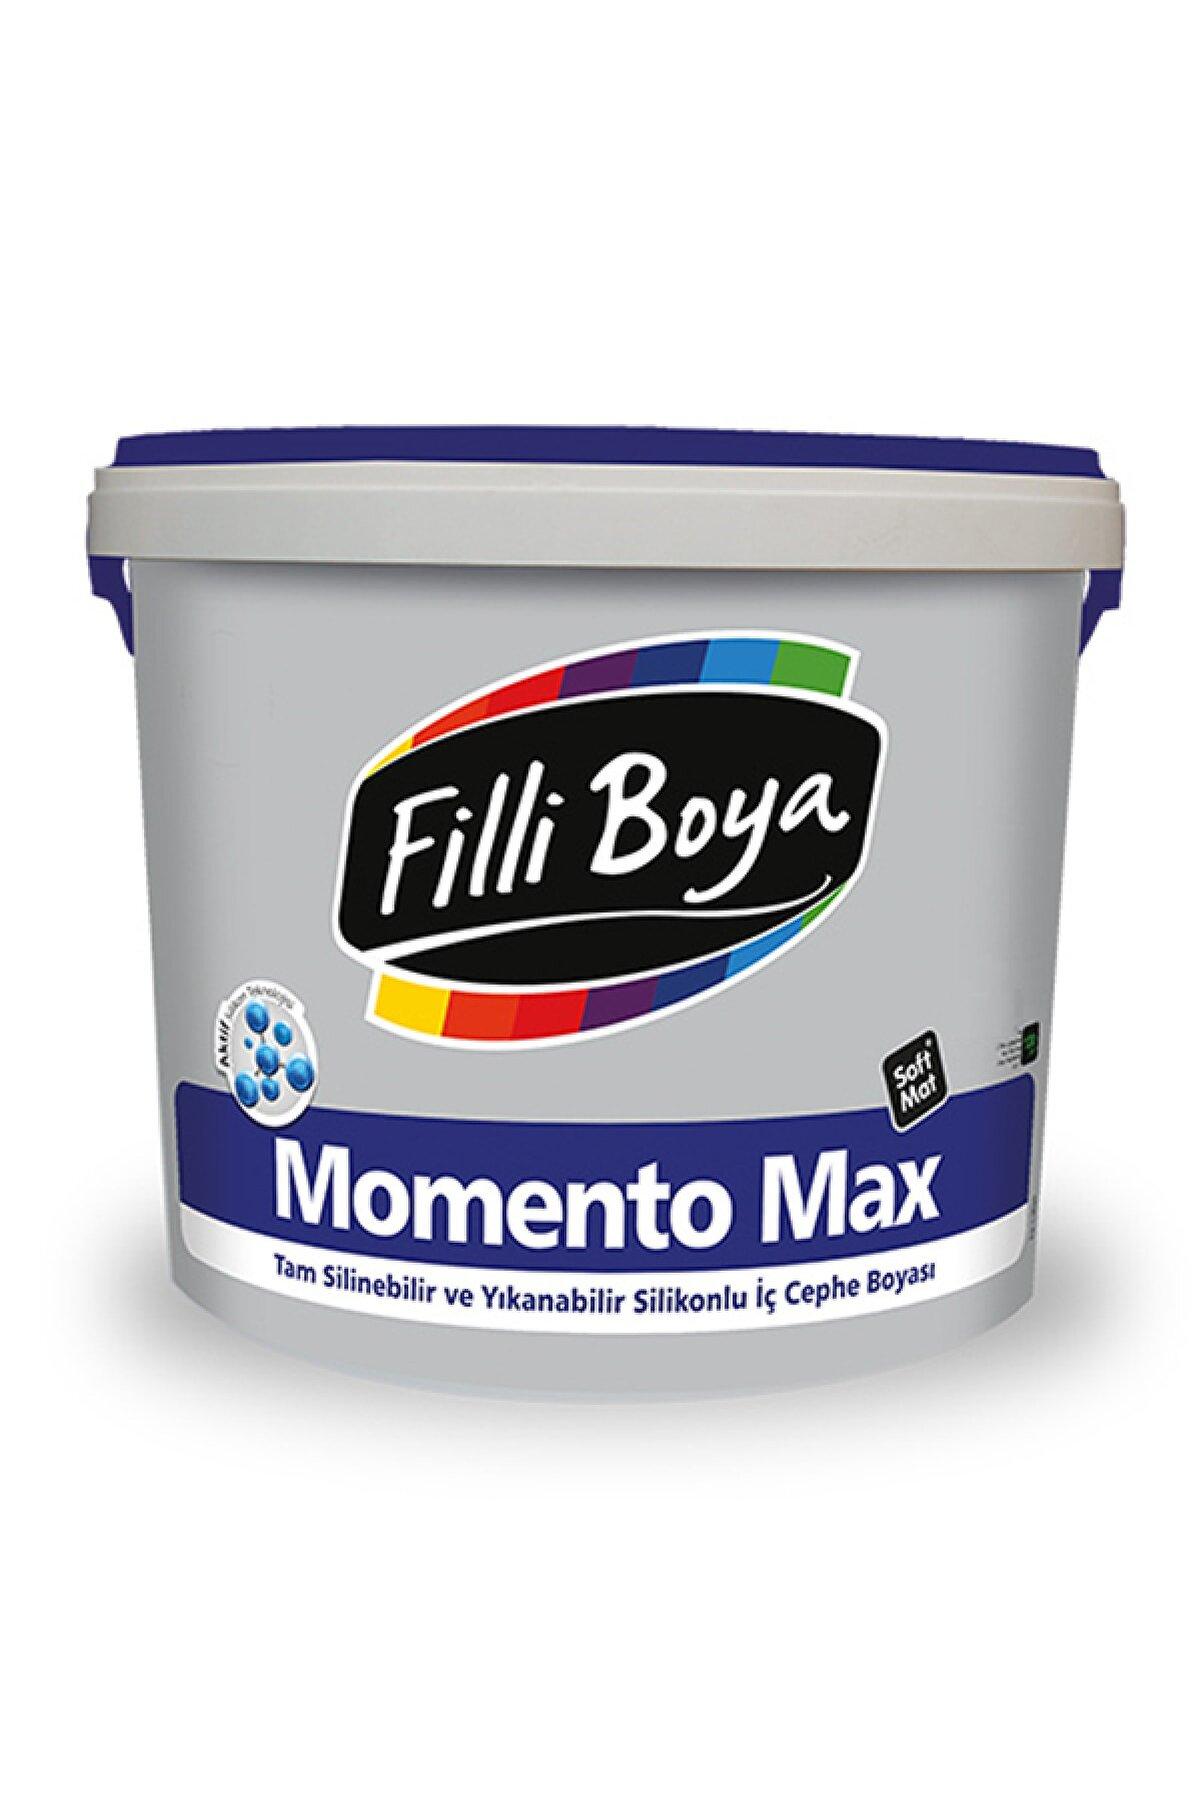 Filli Boya Momento Max Silinebilir Iç Cephe Duvar Boyası 2,5 Lt Renk:somon